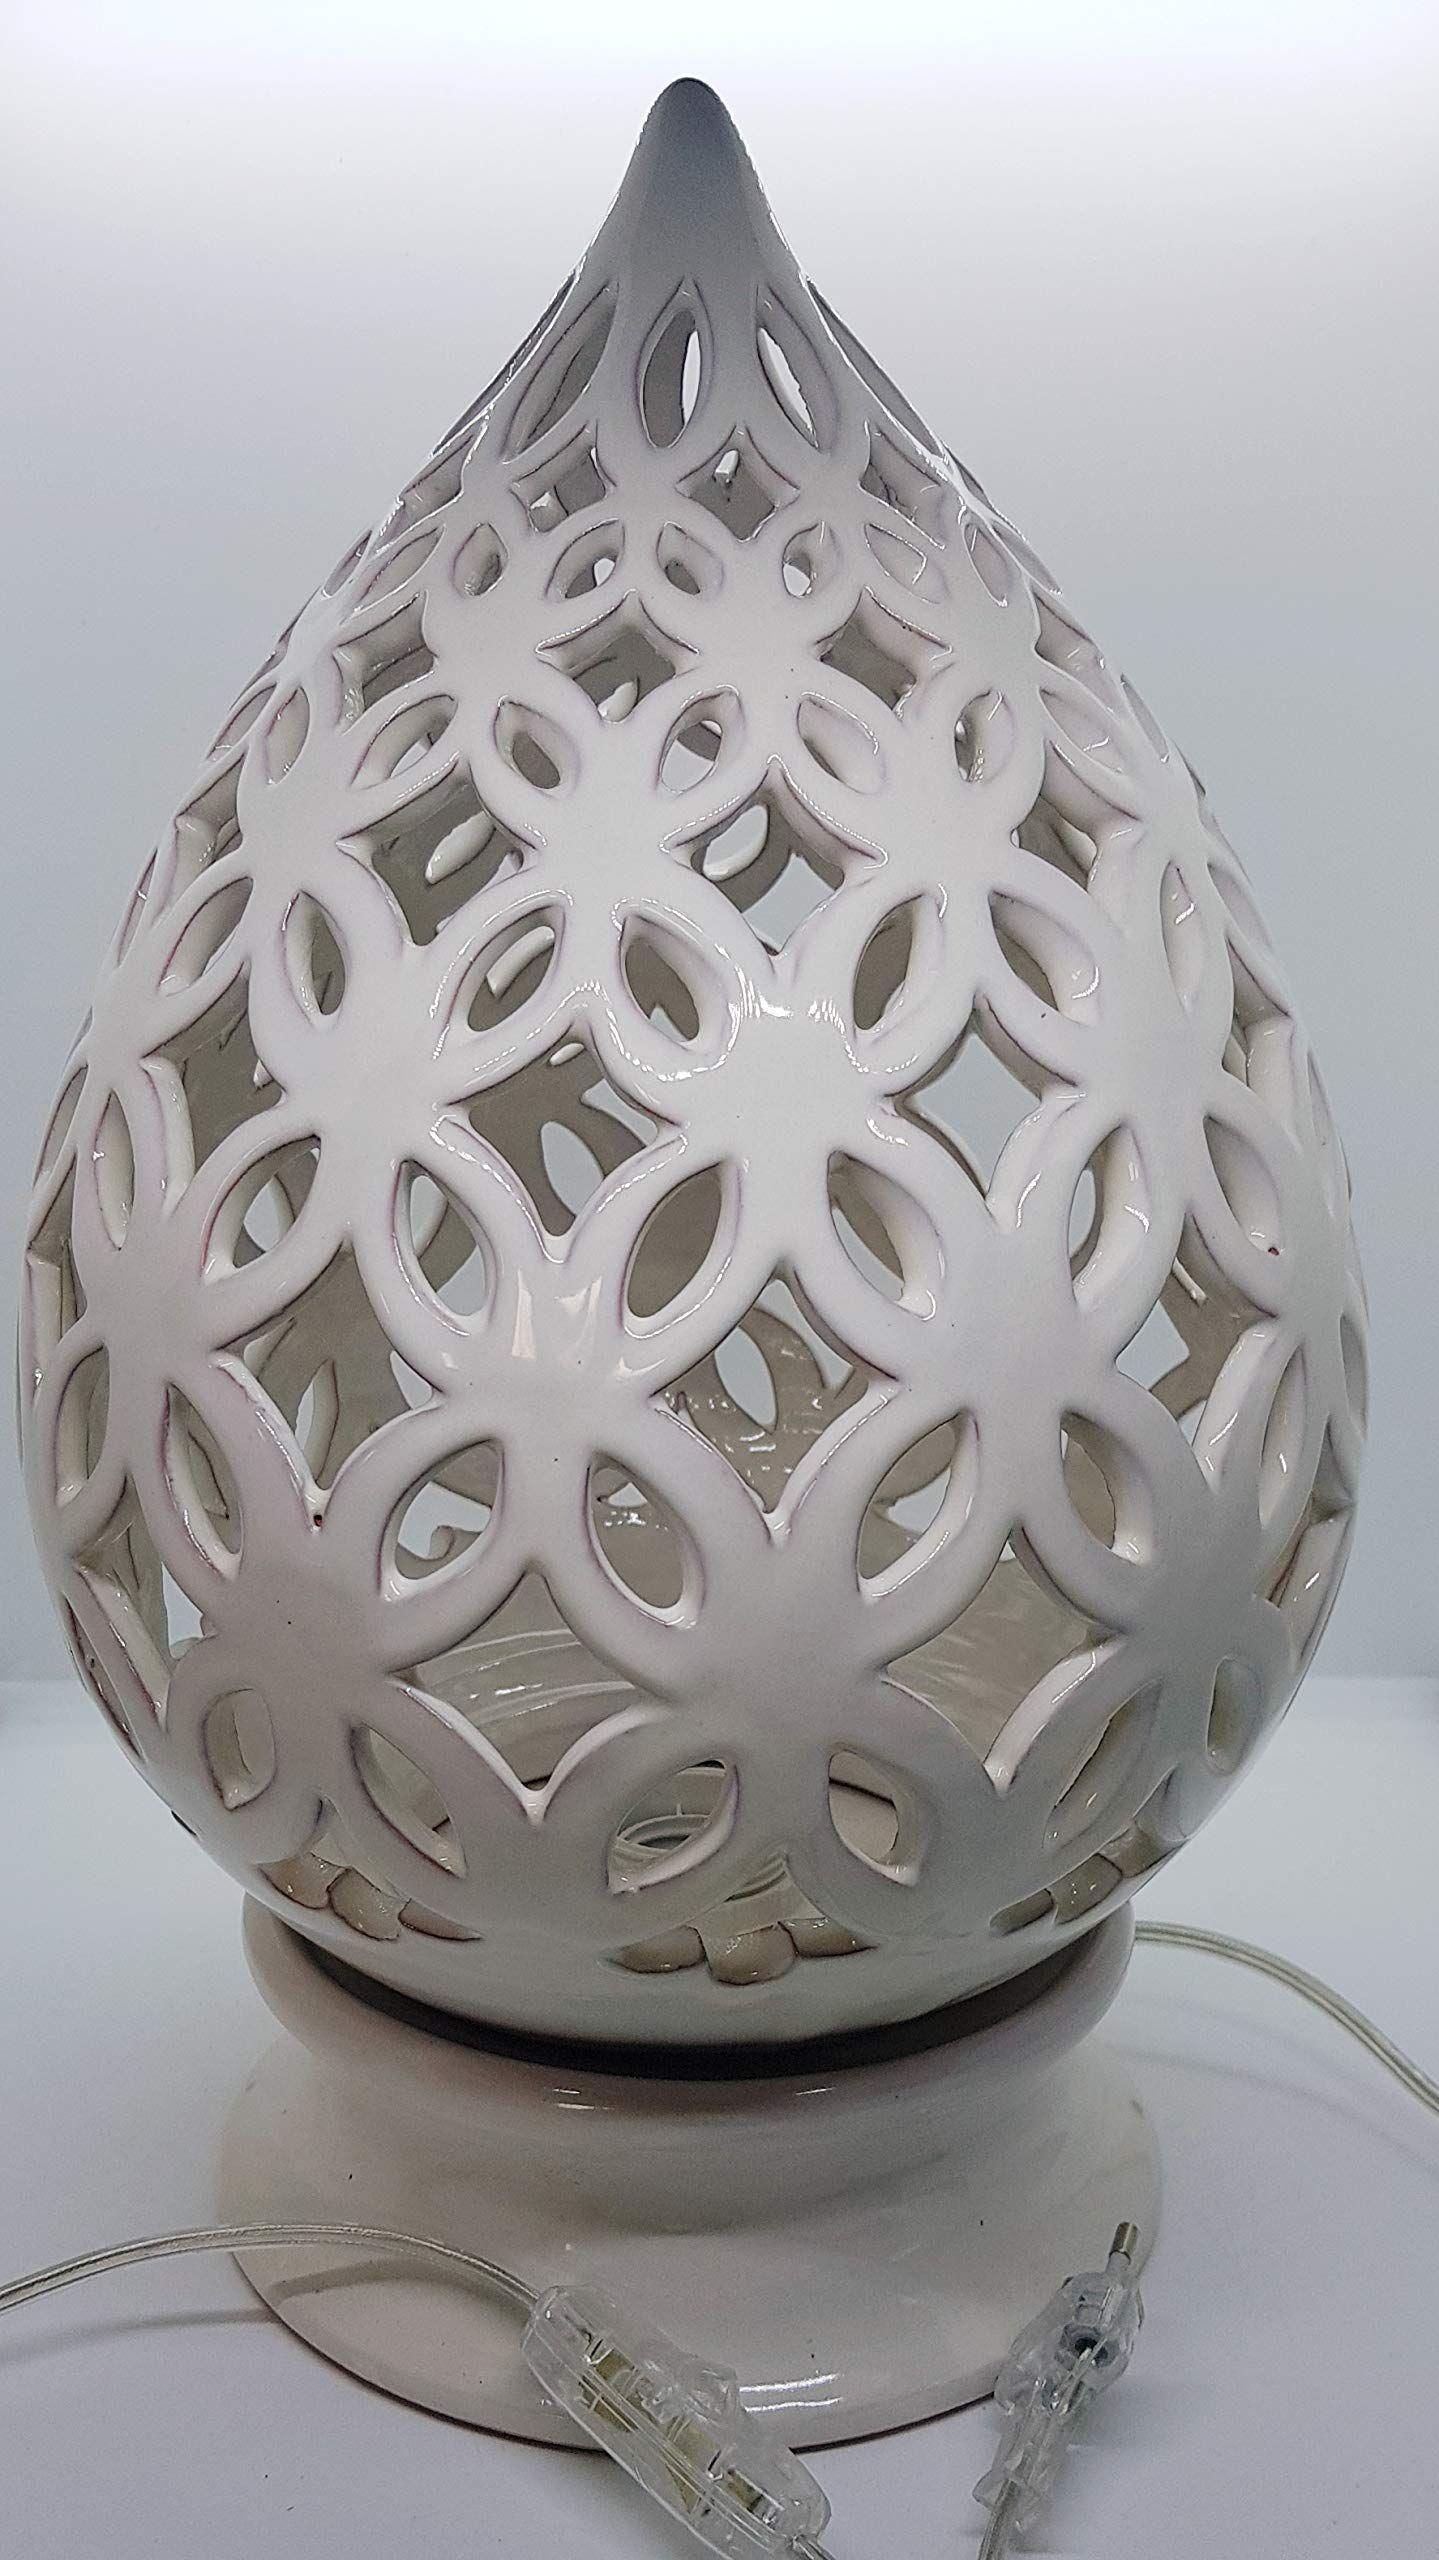 Lampada Da Tavolo Comodino Traforata Bianca Handmade Le Ceramiche Del Castello Made In Italy Dimensioni 39 X 19 Cm Bianca Ceramica Lampade Da Tavolo Castello